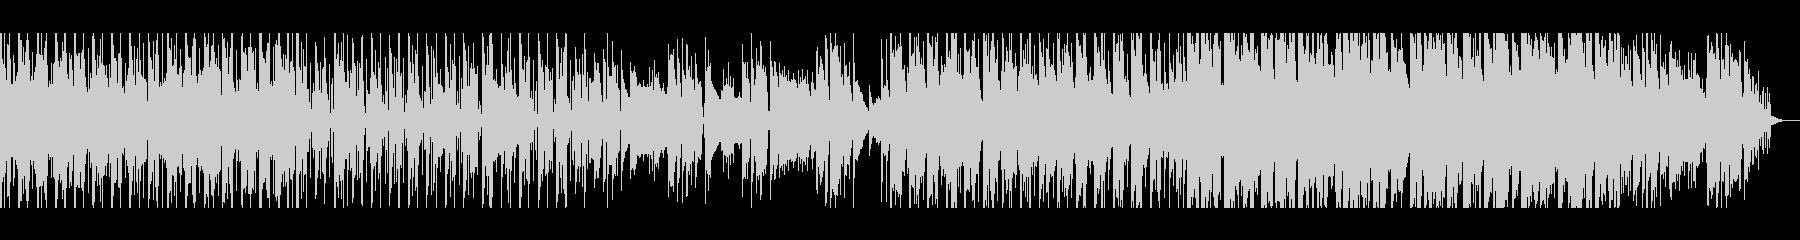 【短いVer2】スペーシーファンクの未再生の波形